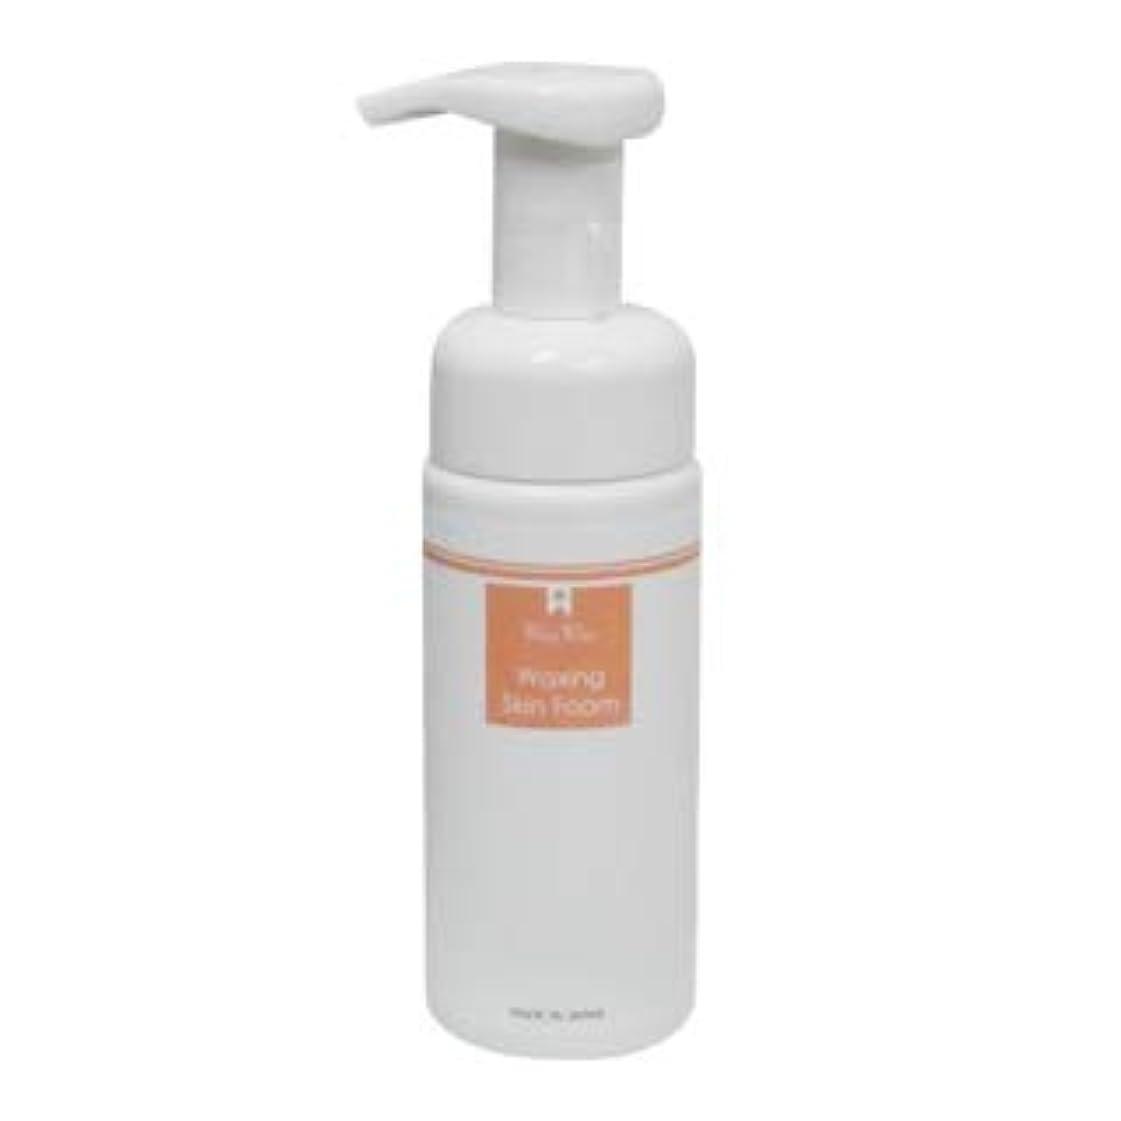 強調服を洗う高齢者ワックス脱毛 ワキシングスキンフォーム 150ml Dr.Wax